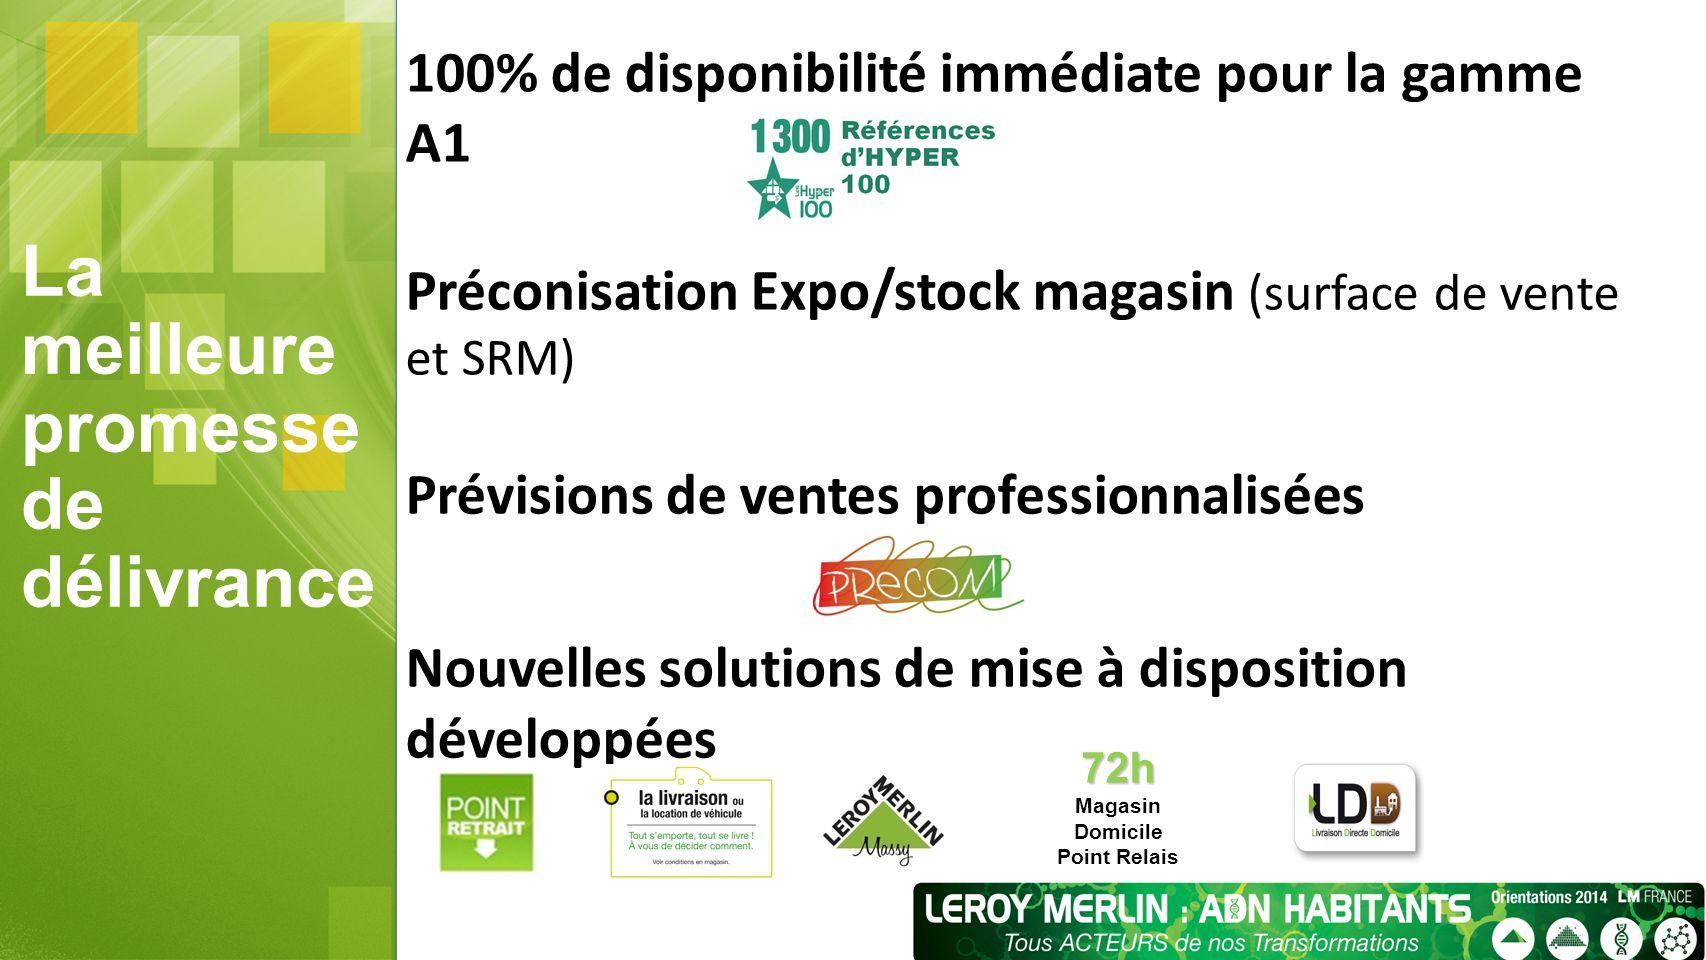 La meilleure promesse de délivrance 100% de disponibilité immédiate pour la gamme A1 Préconisation Expo/stock magasin (surface de vente et SRM) Prévis